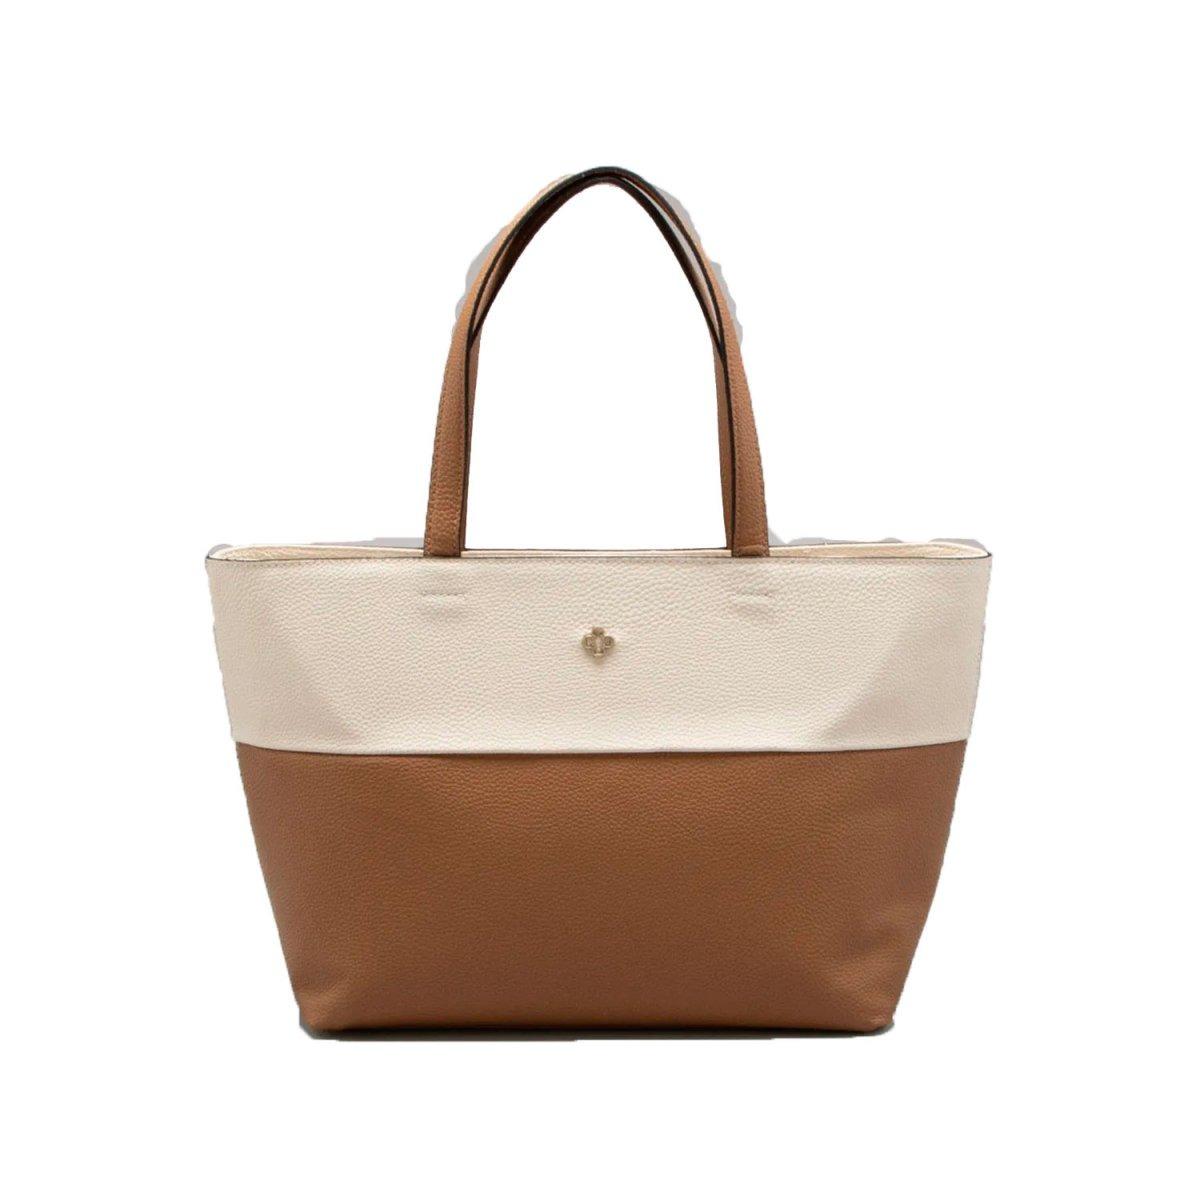 576026fc2 Bolsa Shopper Capodarte Tiracolo Grande - R$ 450,00 em Mercado Livre